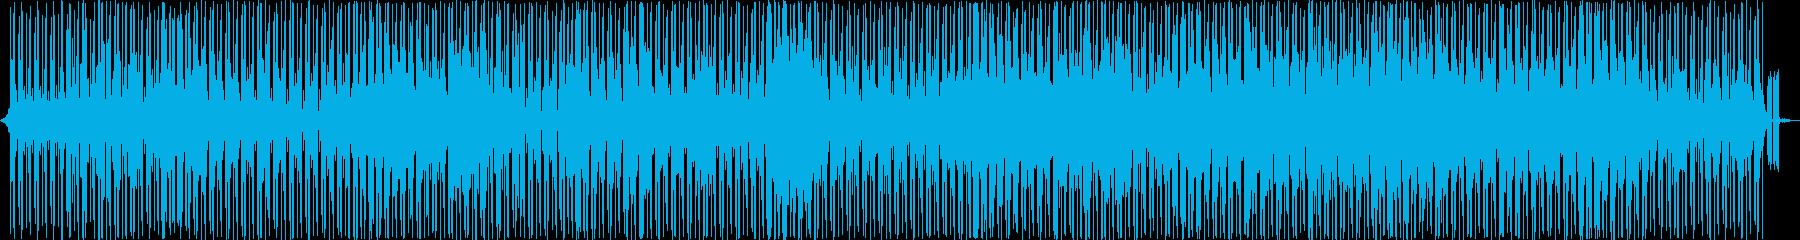 飽和ギターは、バイオリン、ピアノ、...の再生済みの波形